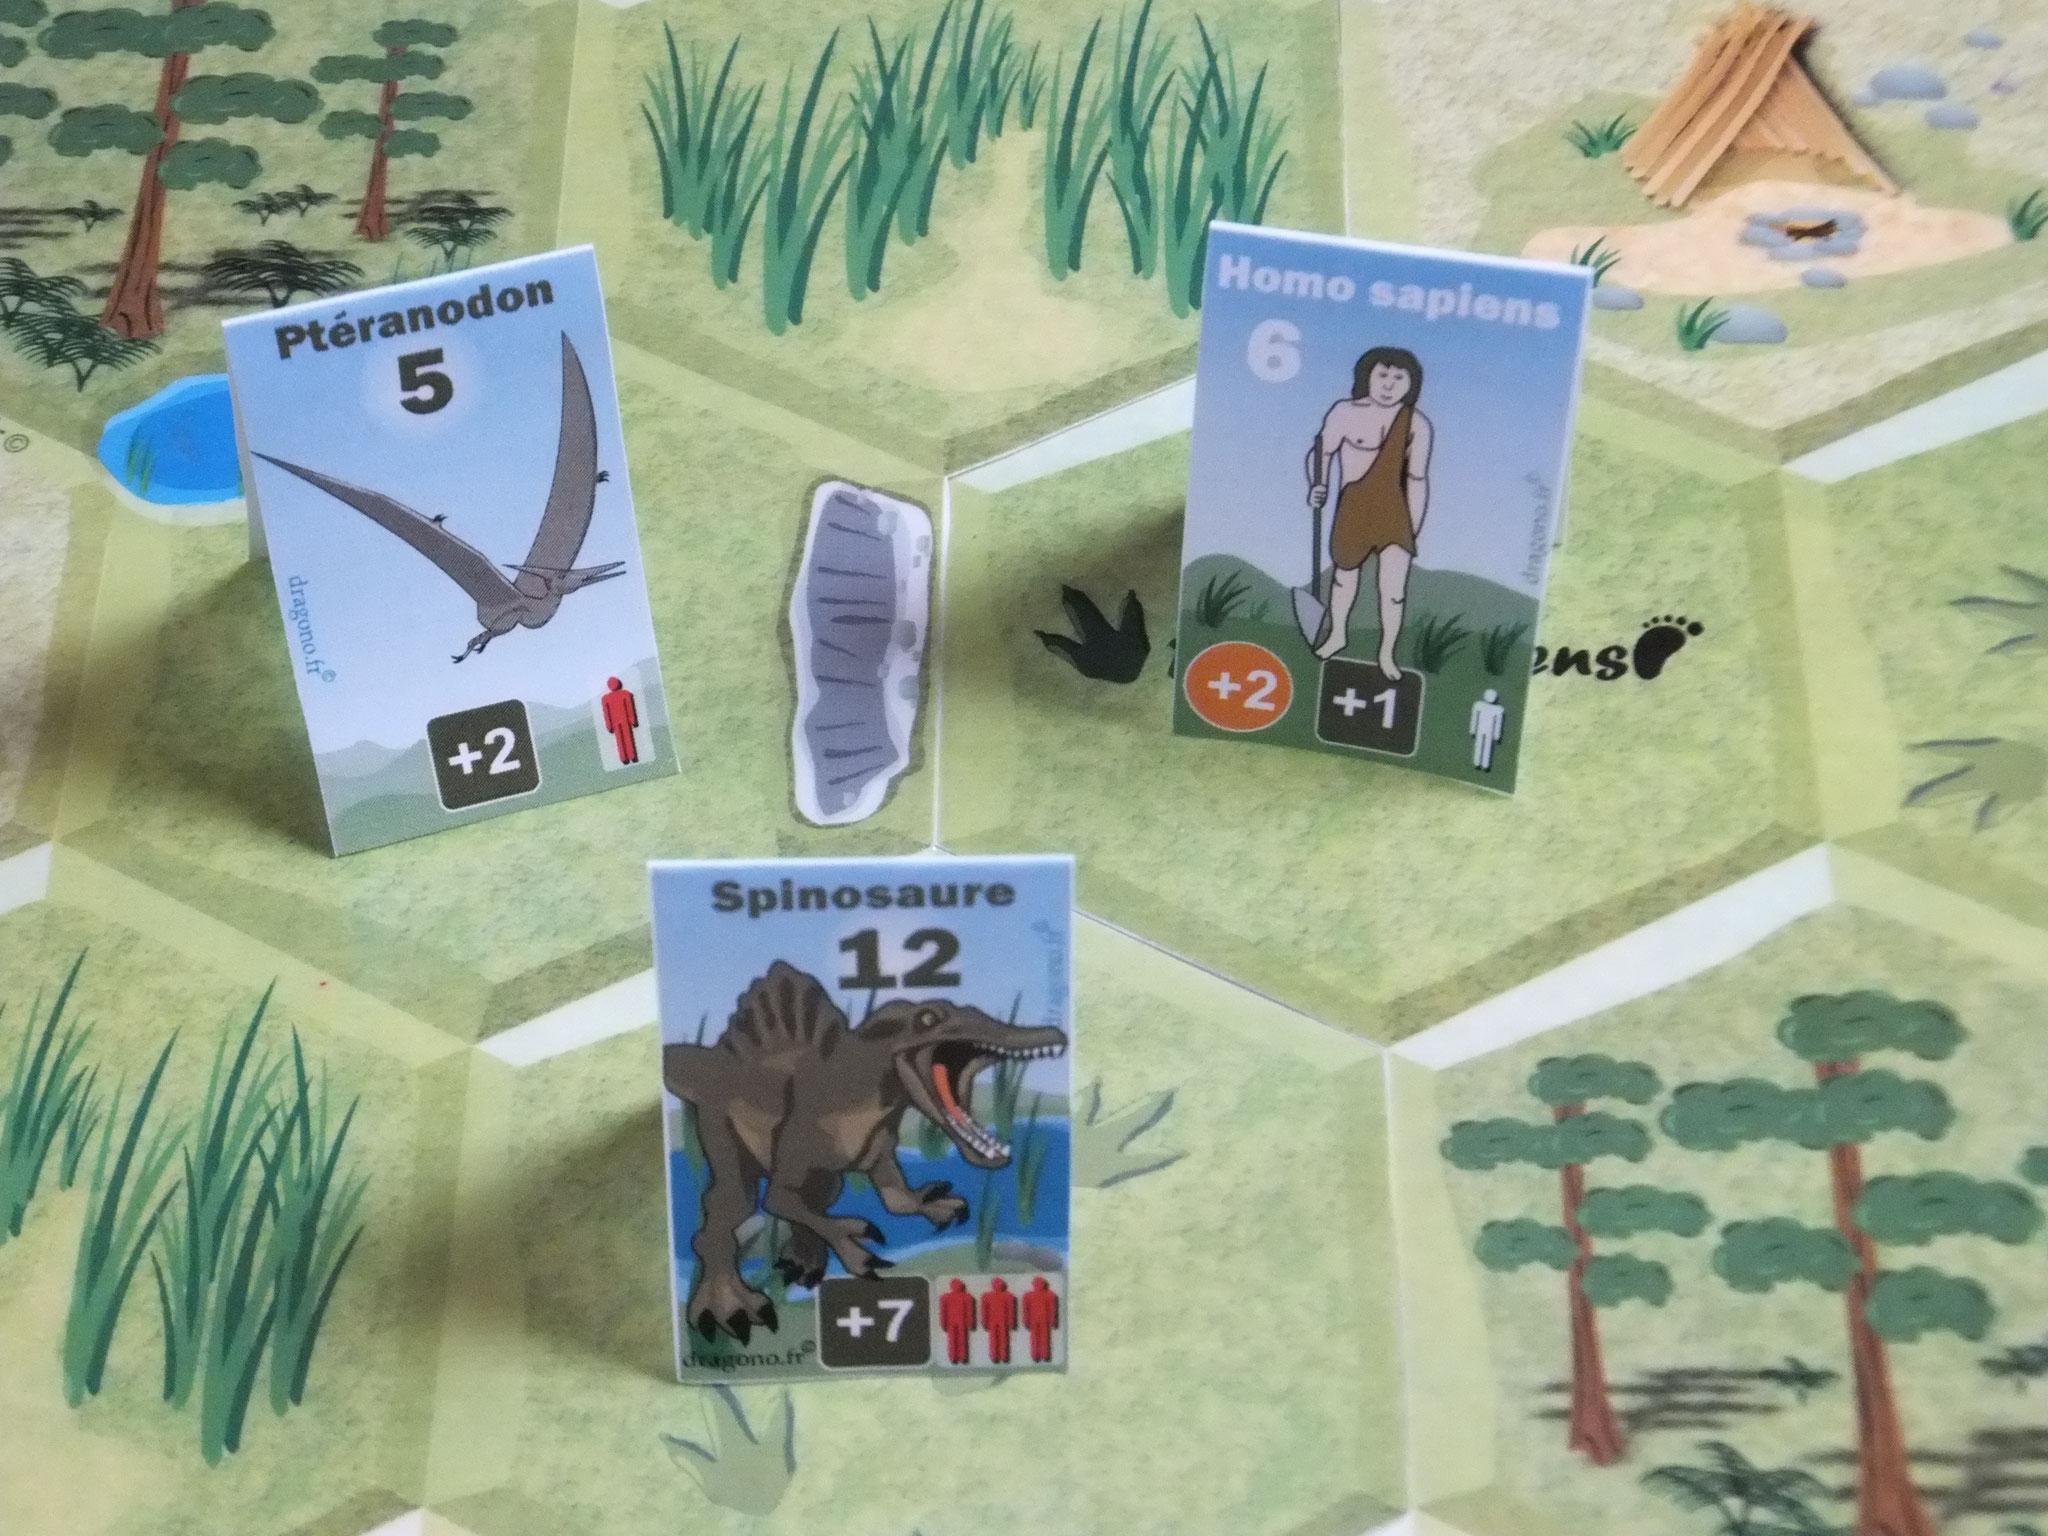 Jeux A Imprimer Pour Enfants, Famille, Ludiques, Éducatifs intérieur Jeux De Société À Imprimer